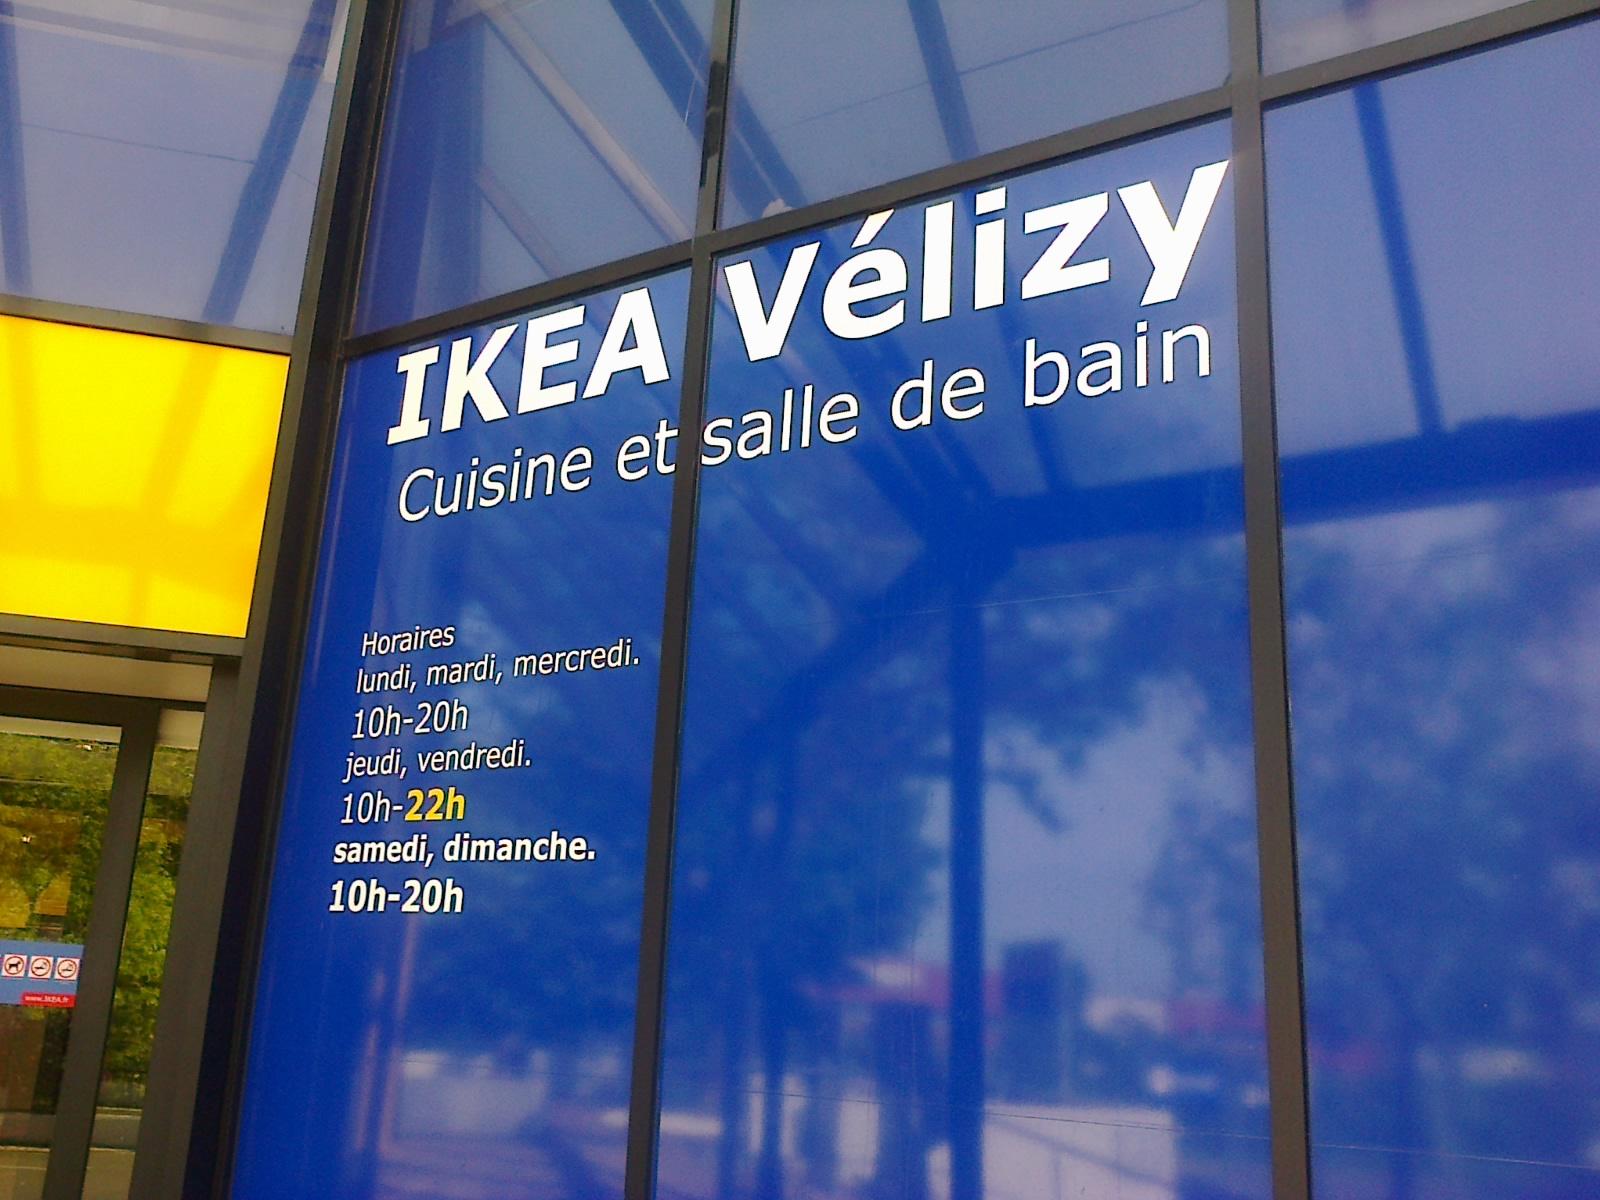 Beautiful Ikea Vélizy - Cuisine Et Salle De Bains Horaires